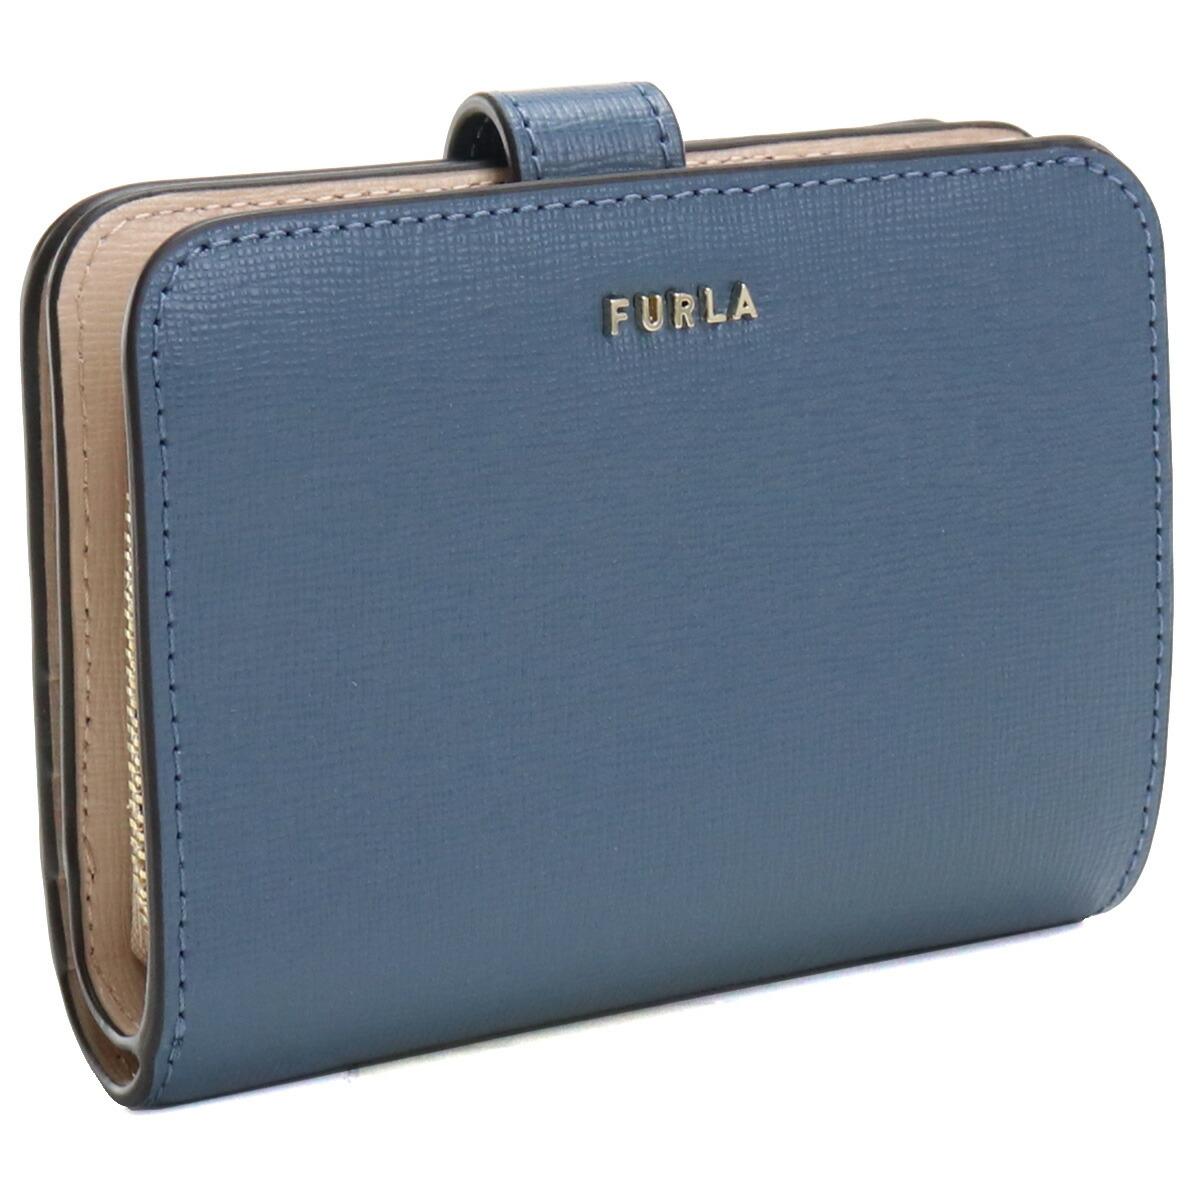 フルラ FURLA BABYLON 2つ折り財布 ブランド財布 コンパクト財布 ミニ財布 PCY0UNO B30000 0245S BLU DENIM+BALLERINA ブルー系